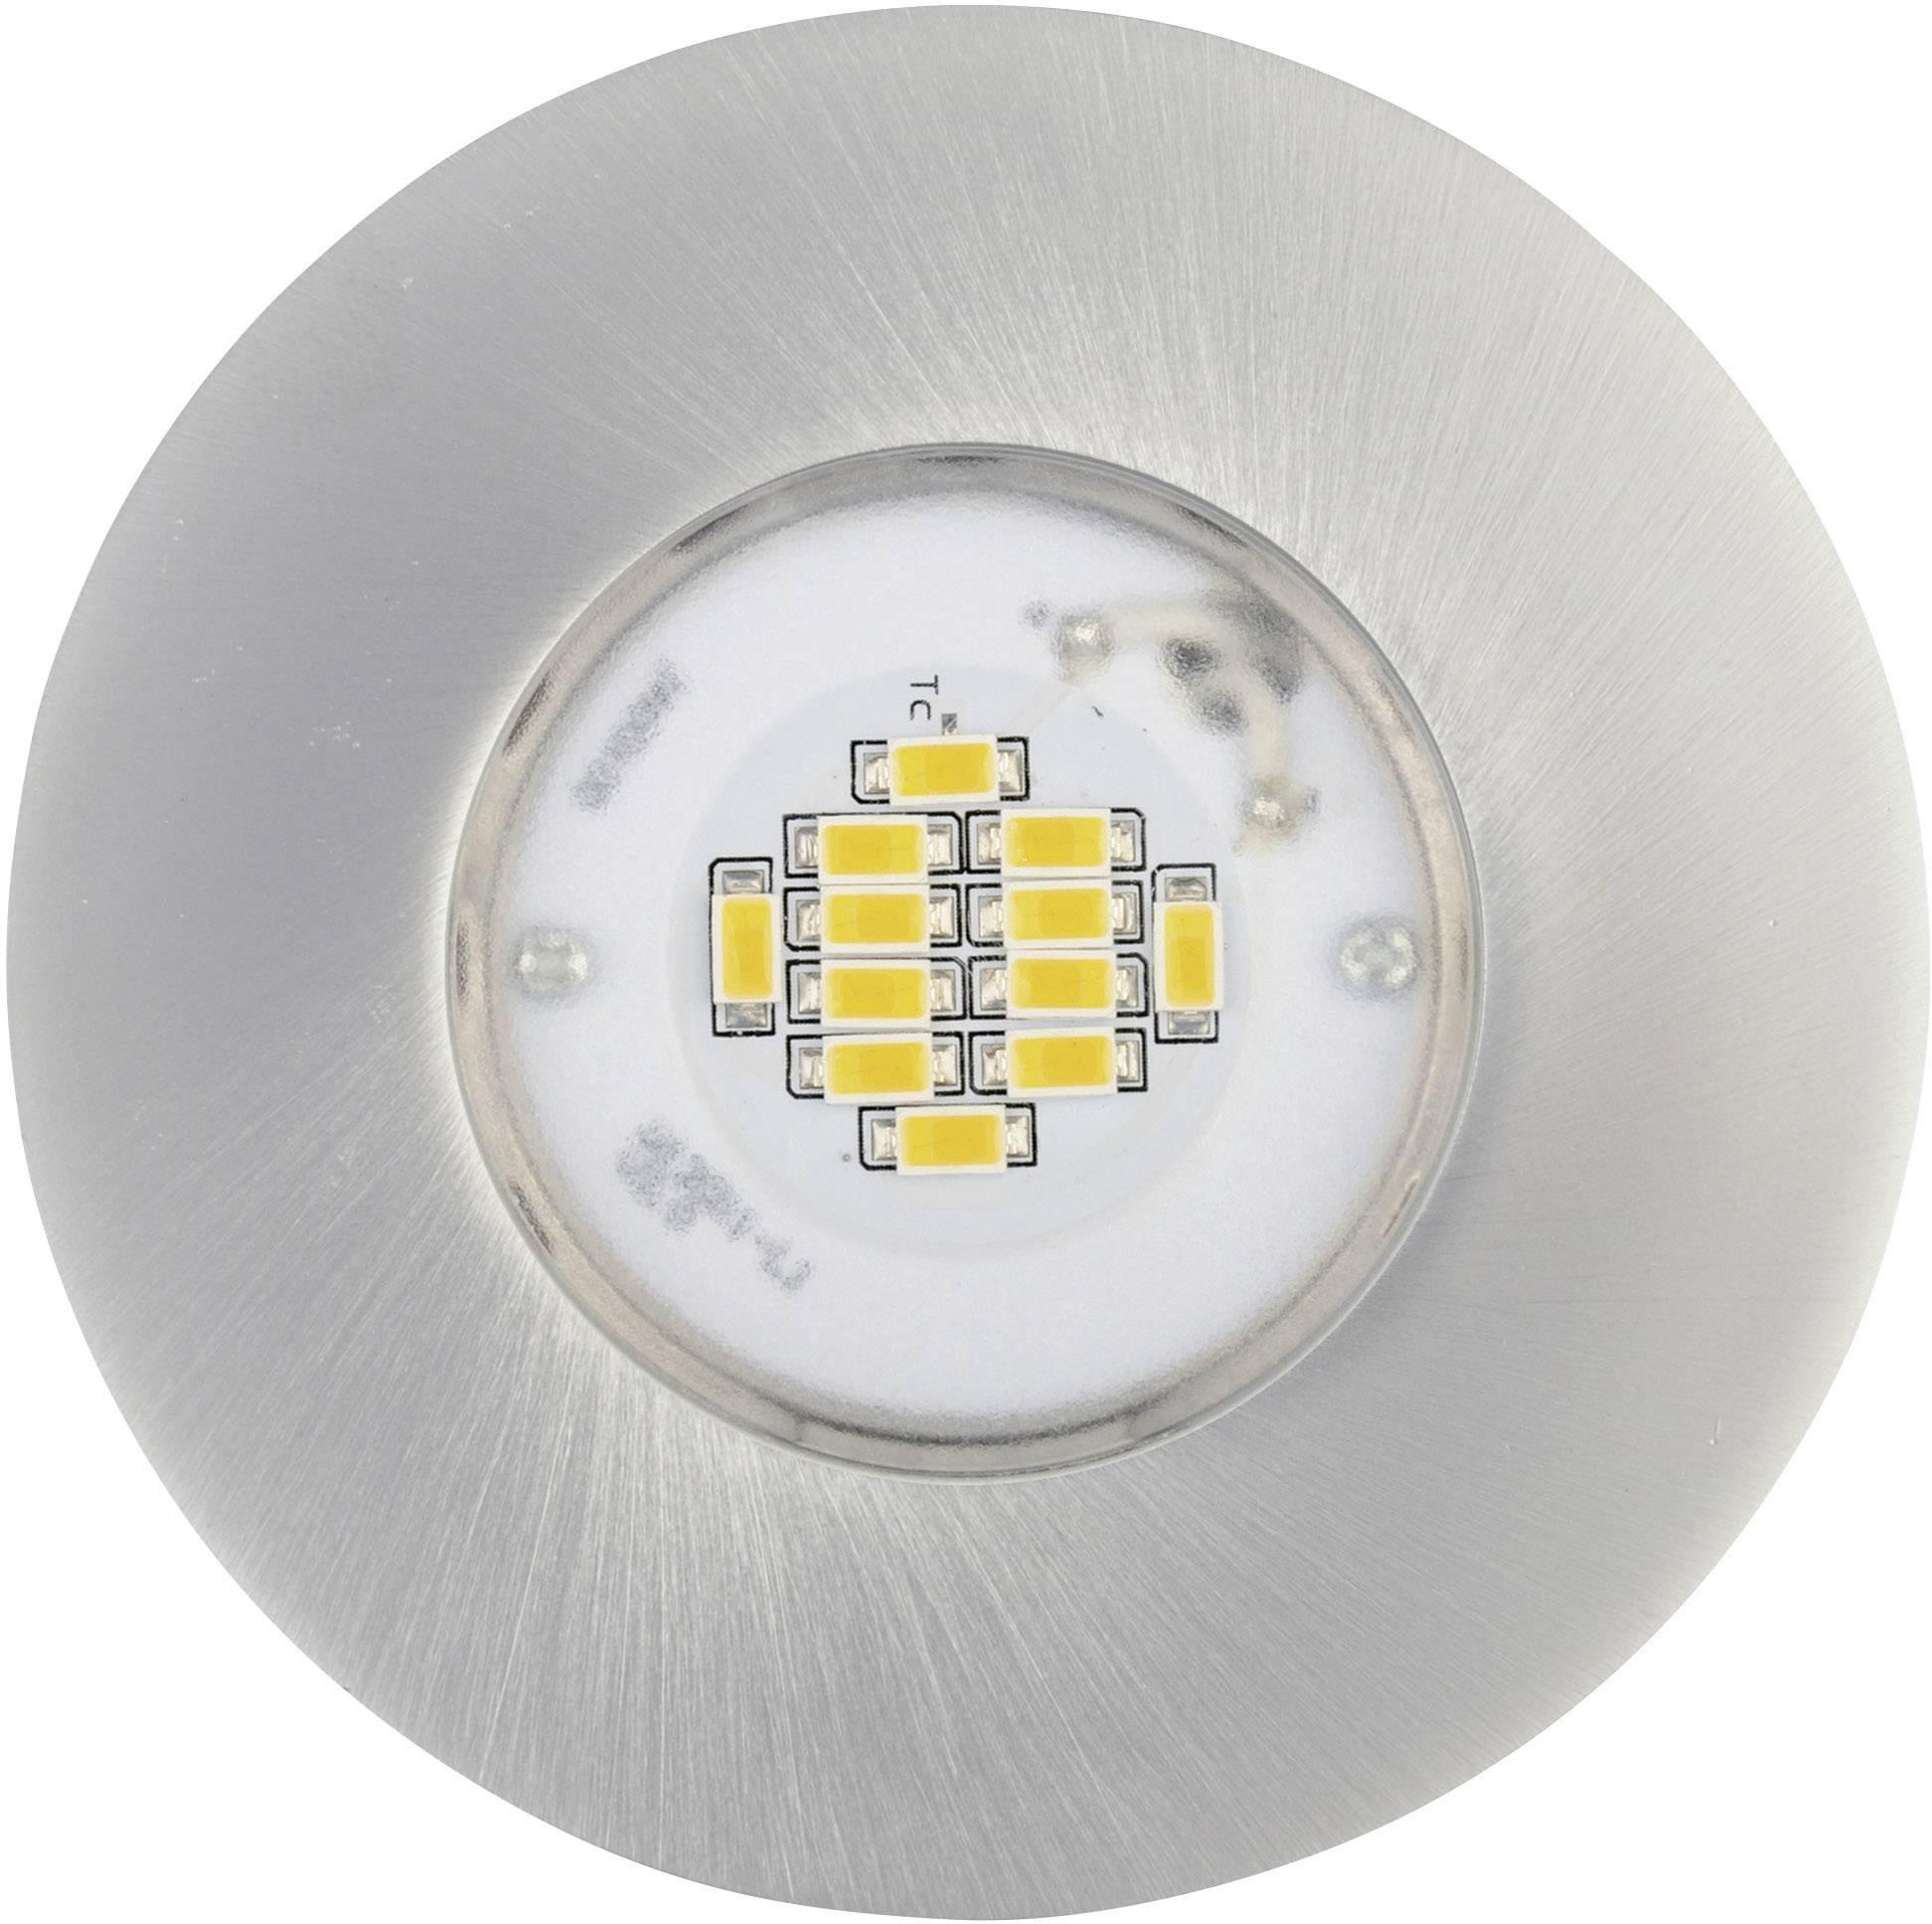 LED vstavané svetlo JEDI Lighting Integra JE12417, 6.5 W, RGB, hliník (kartáčovaný)